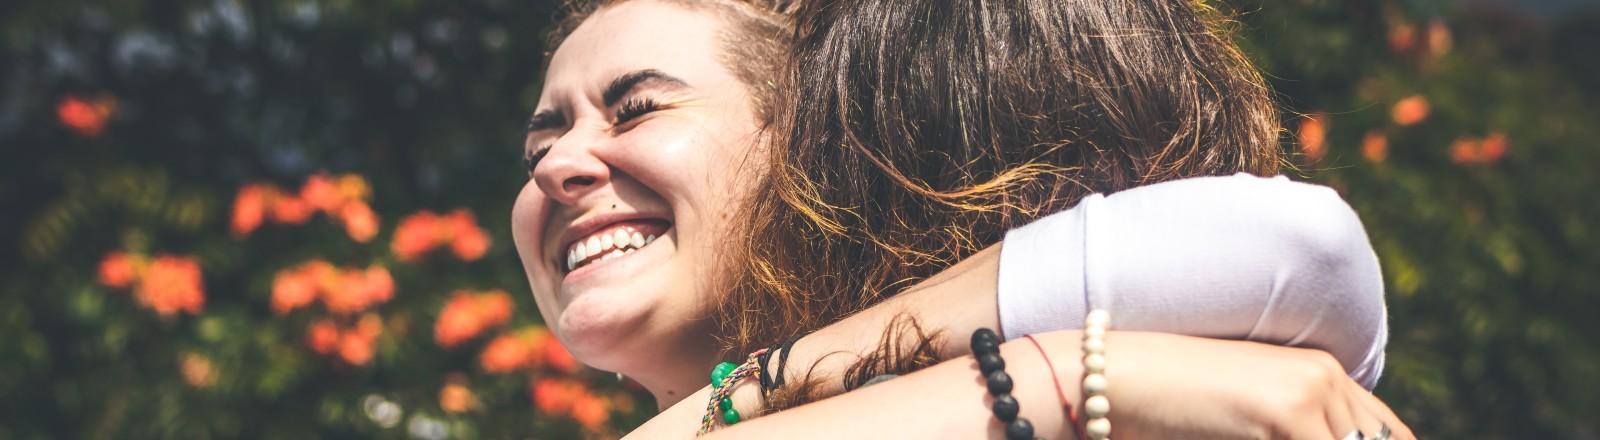 Zwei Frauen umarmen sich glücklich